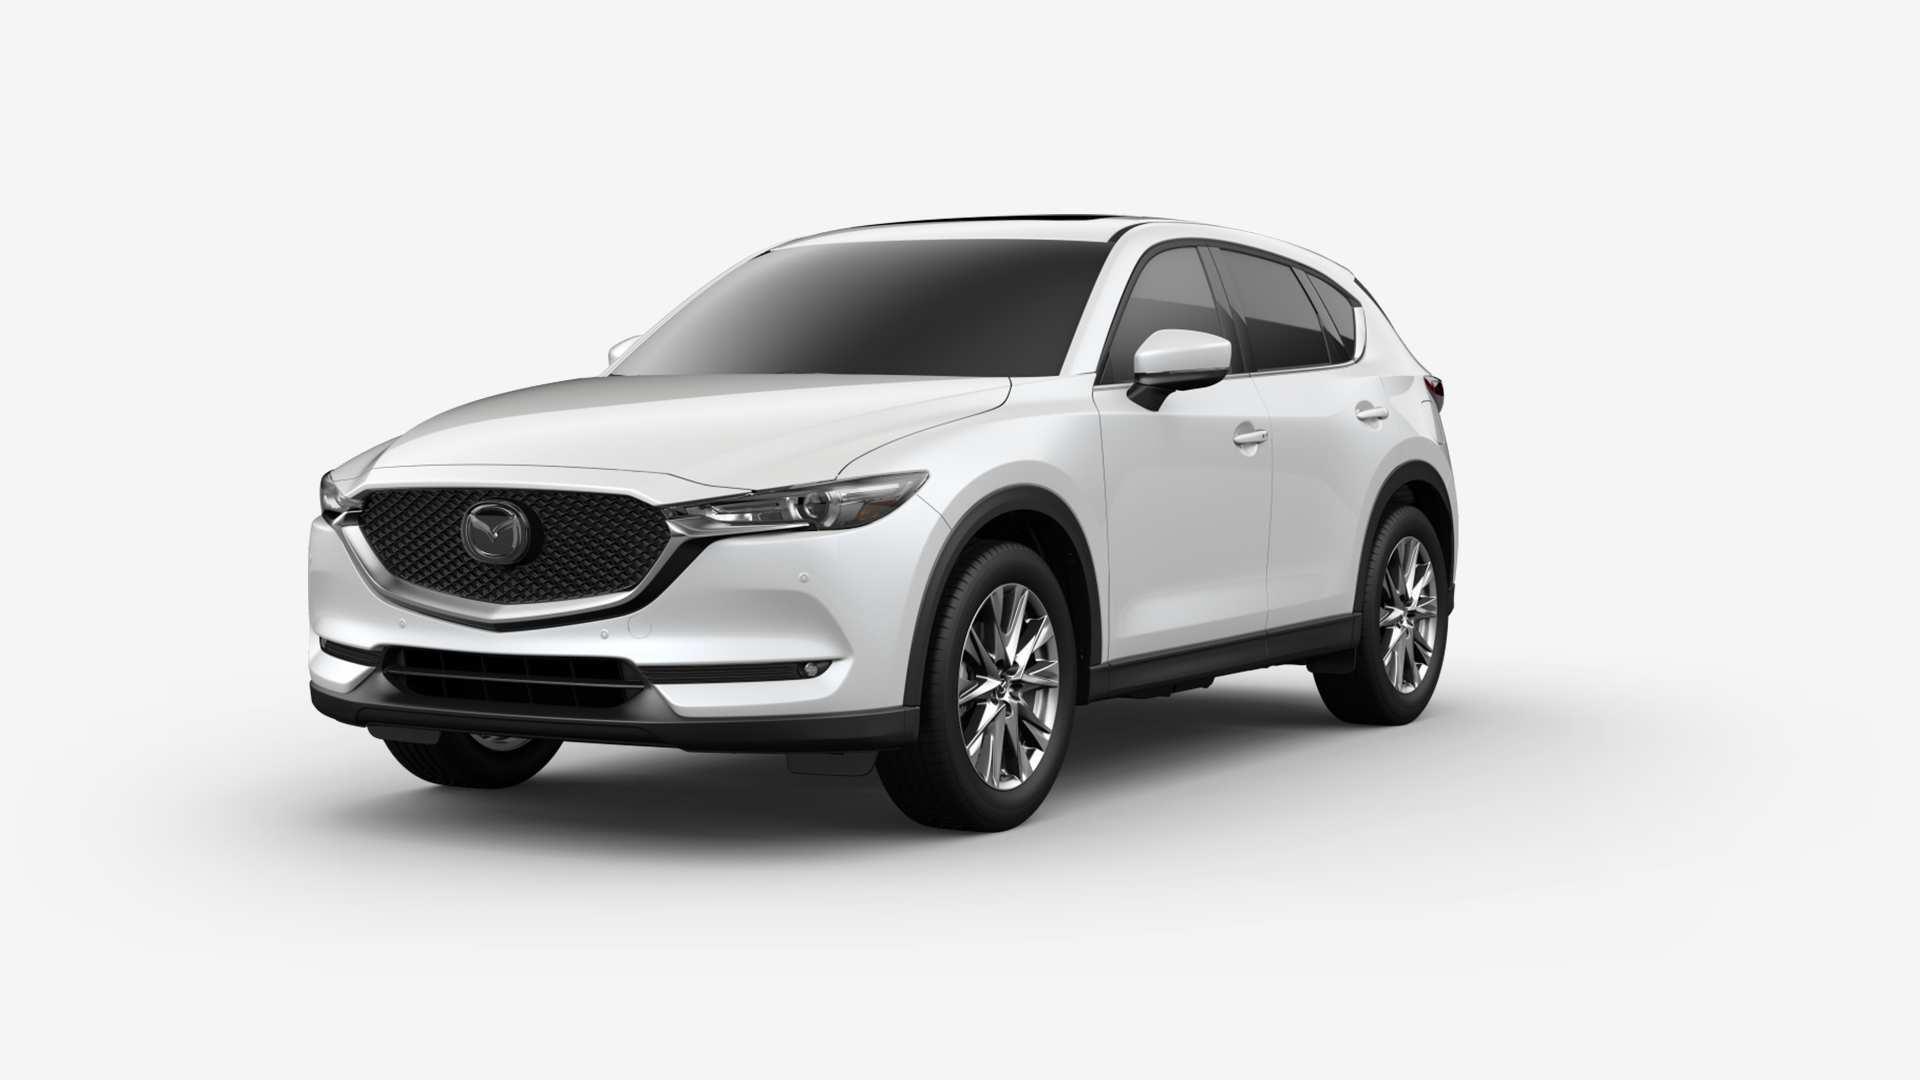 74 New Mazda Cx 5 Hybrid 2020 Interior by Mazda Cx 5 Hybrid 2020